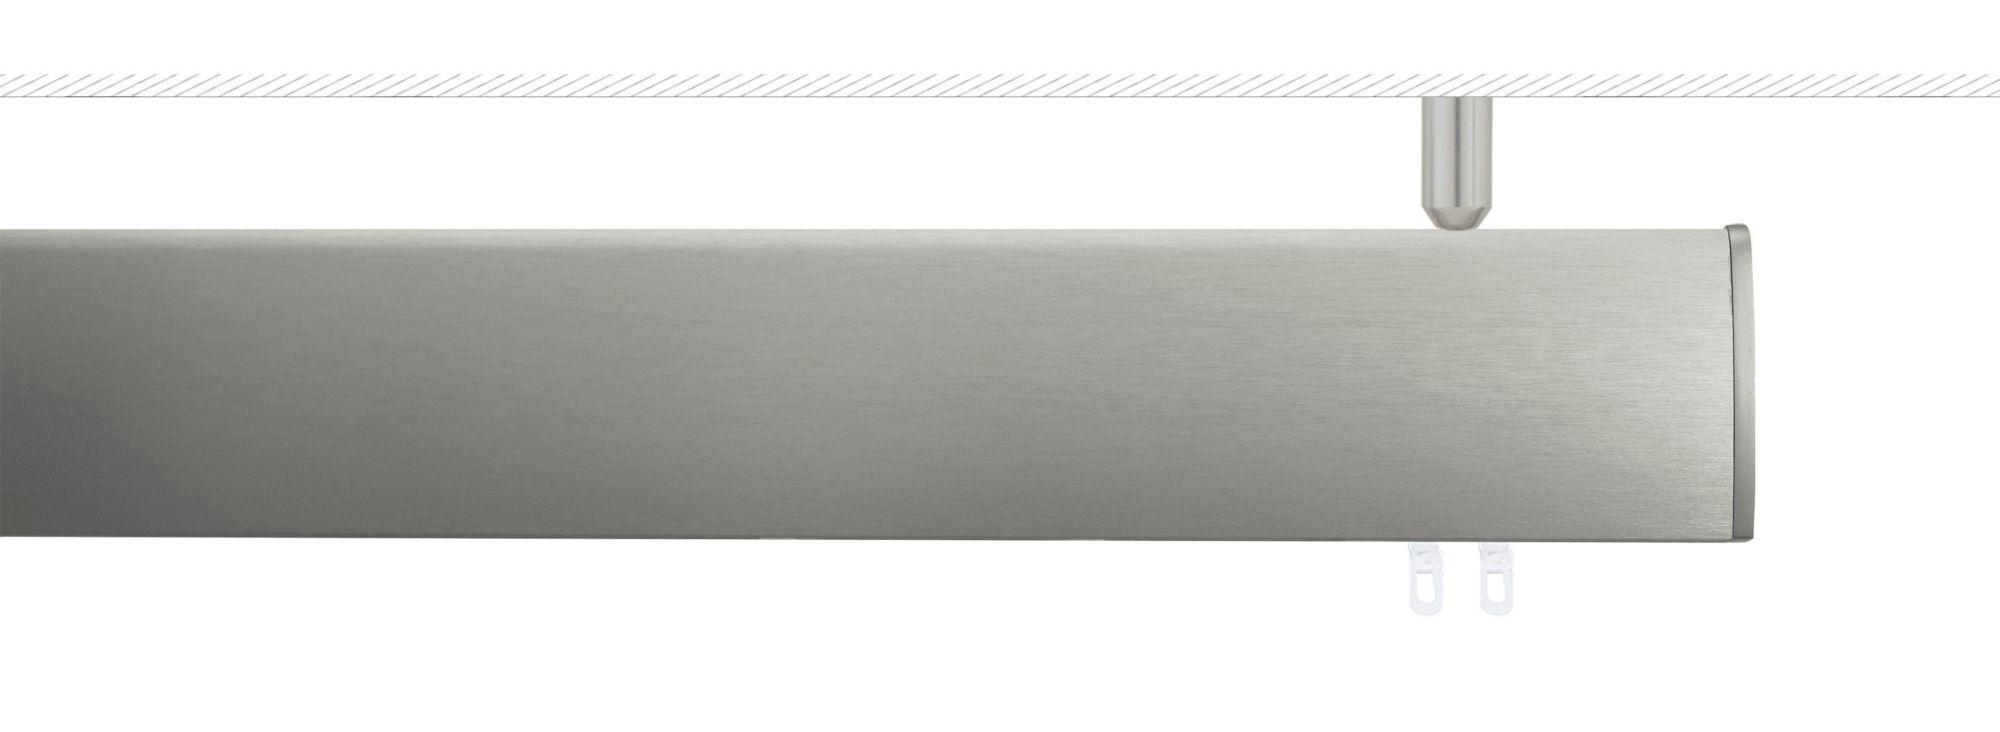 INDEKO Alu-Innenlaufschiene, indeko, »Ovum2«, mit Deckenträger rund 1-läufig nach Maß